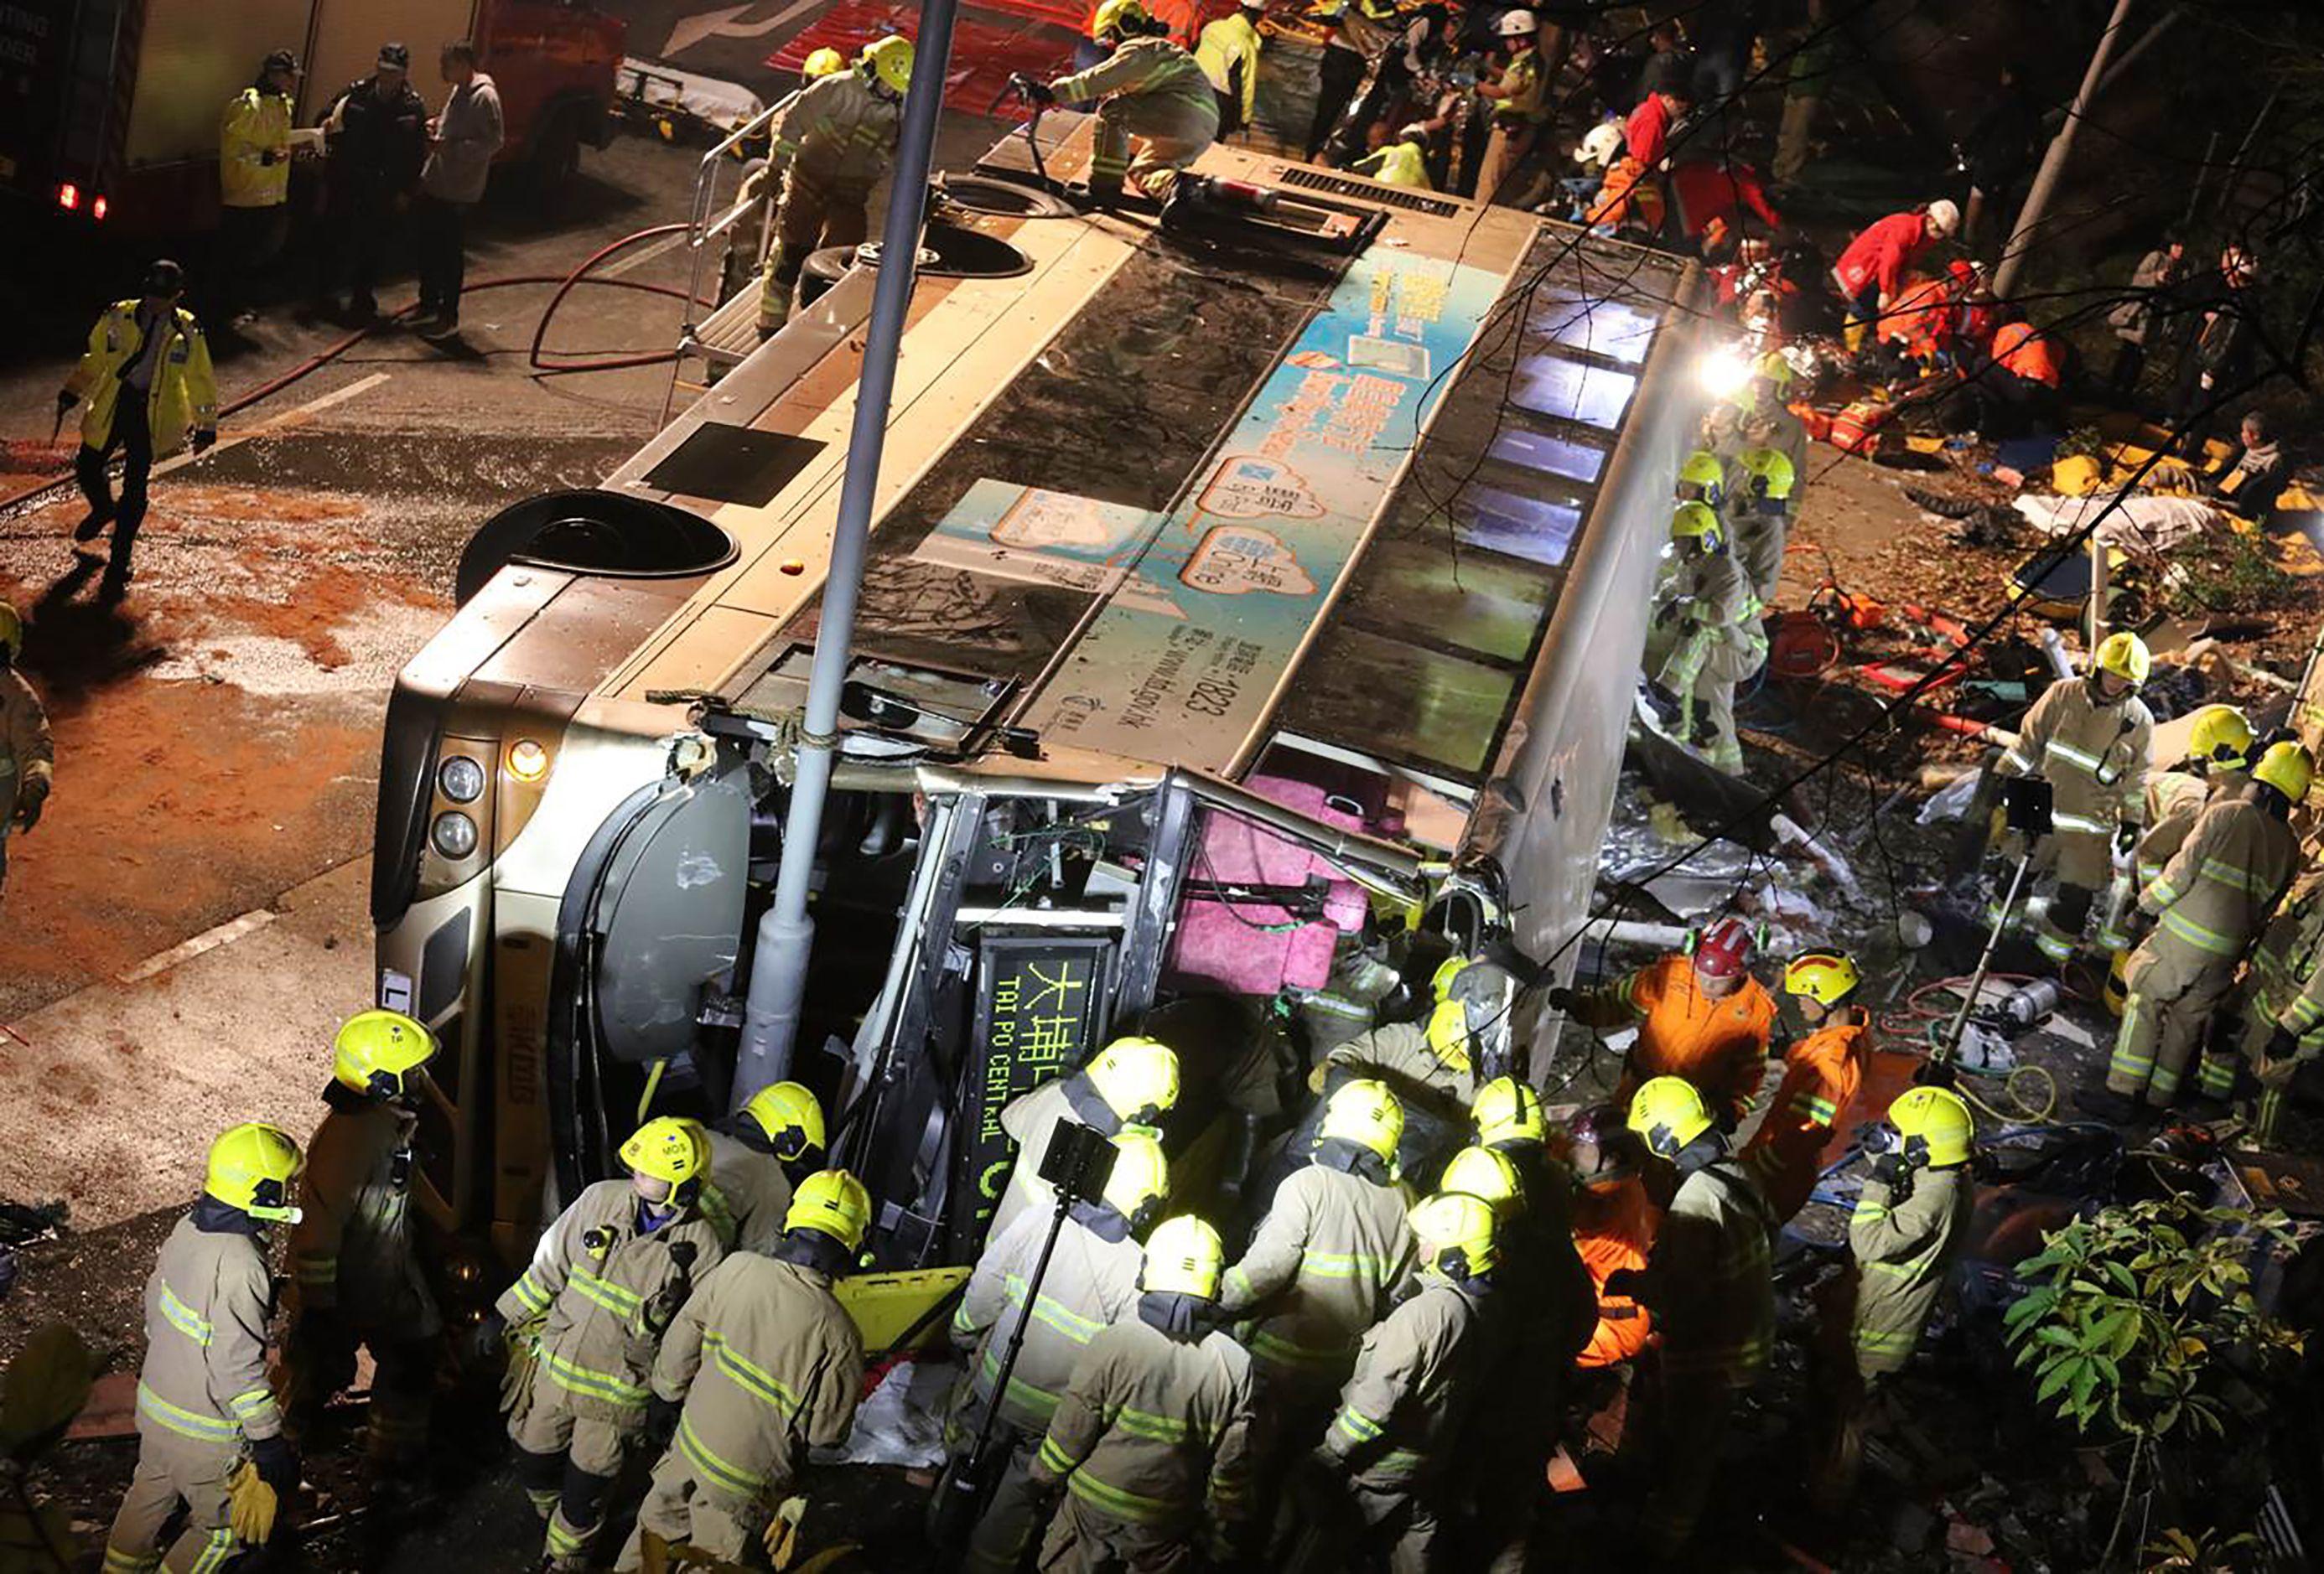 جانب من مصرع 19 شخصا وإصابة 40 آخرين فى انقلاب حافلة بهونج كونج